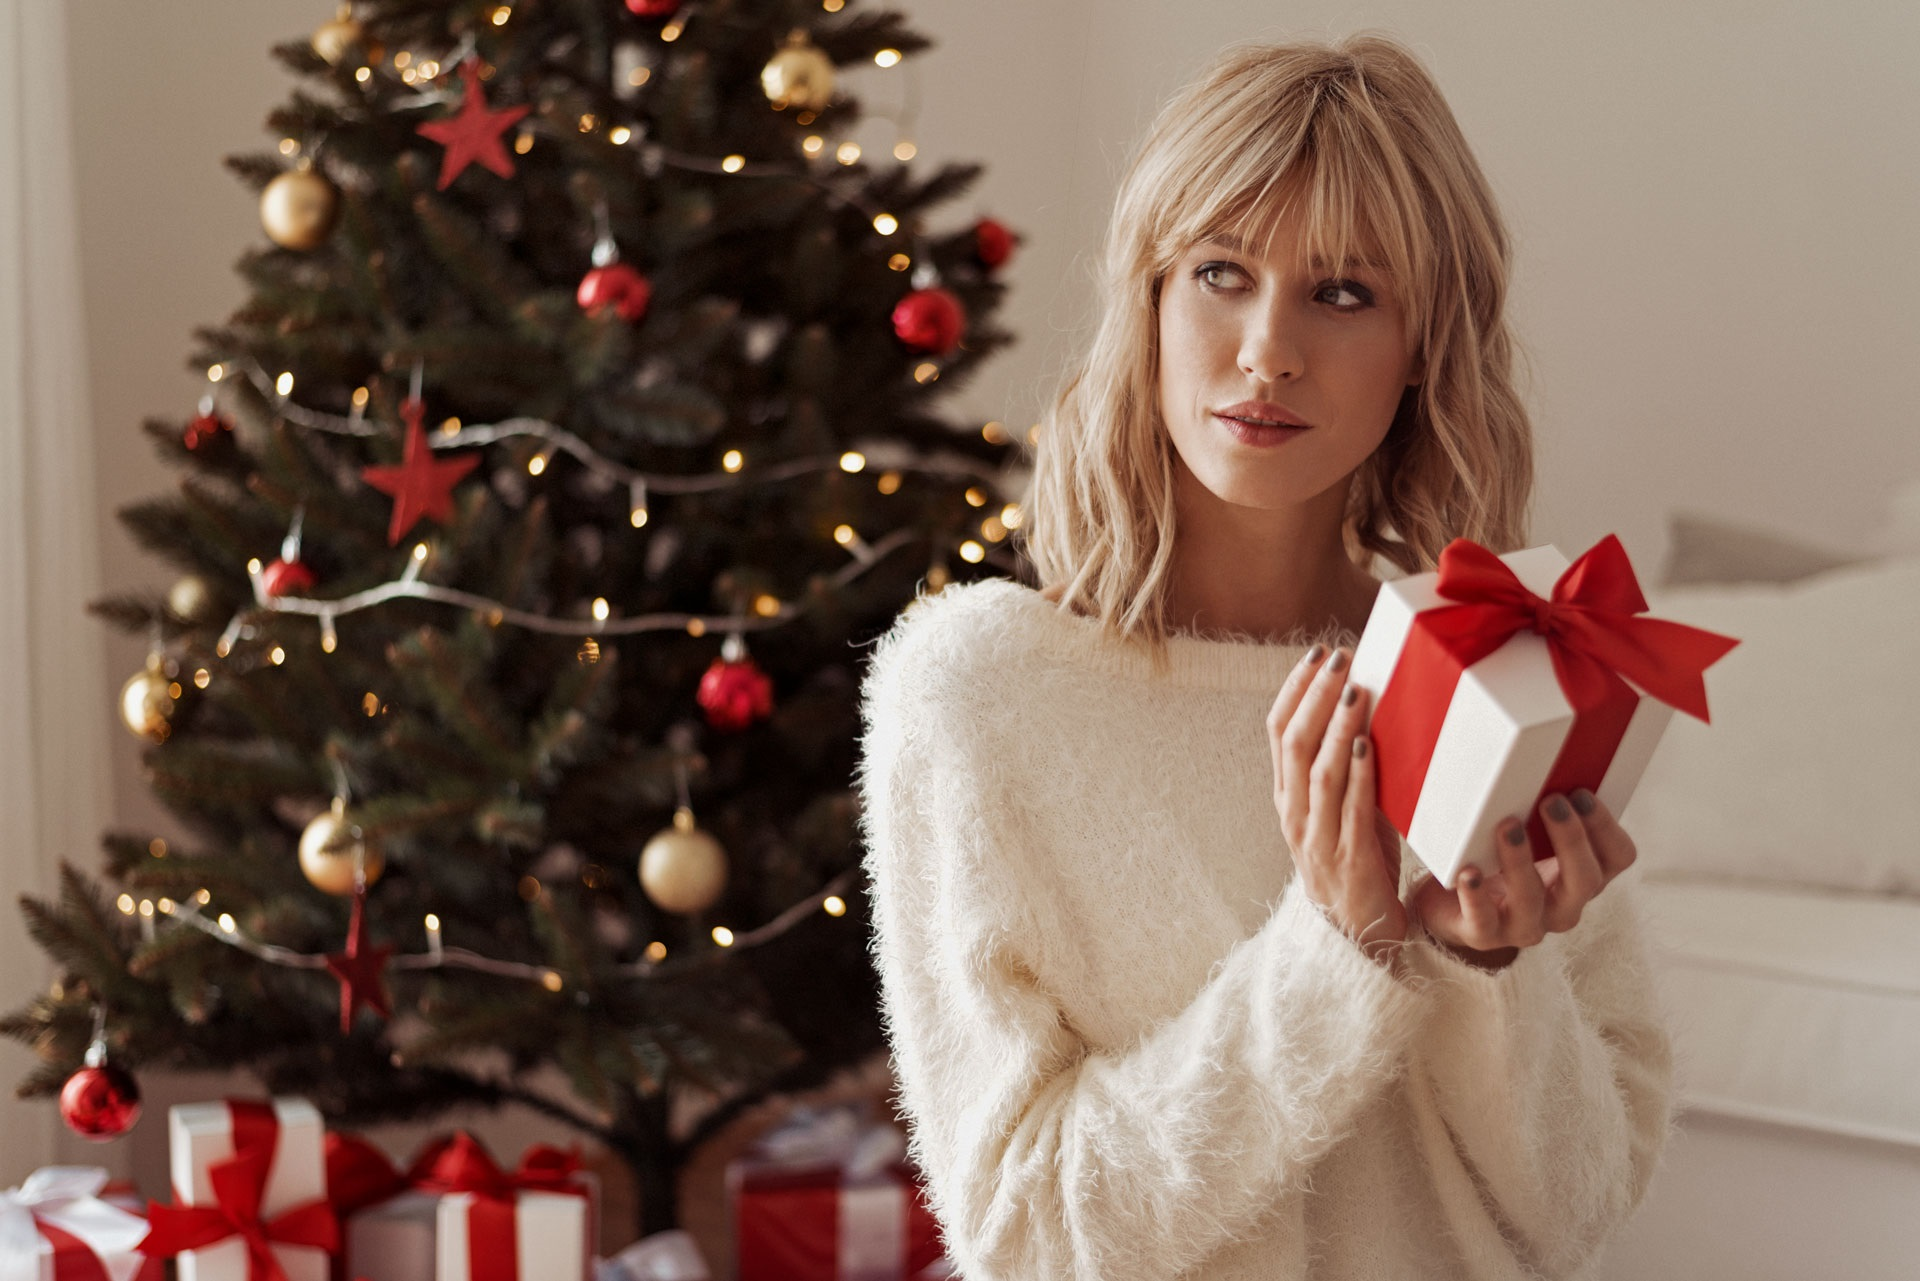 Nejlepší dárky pro ženy k Vánocům